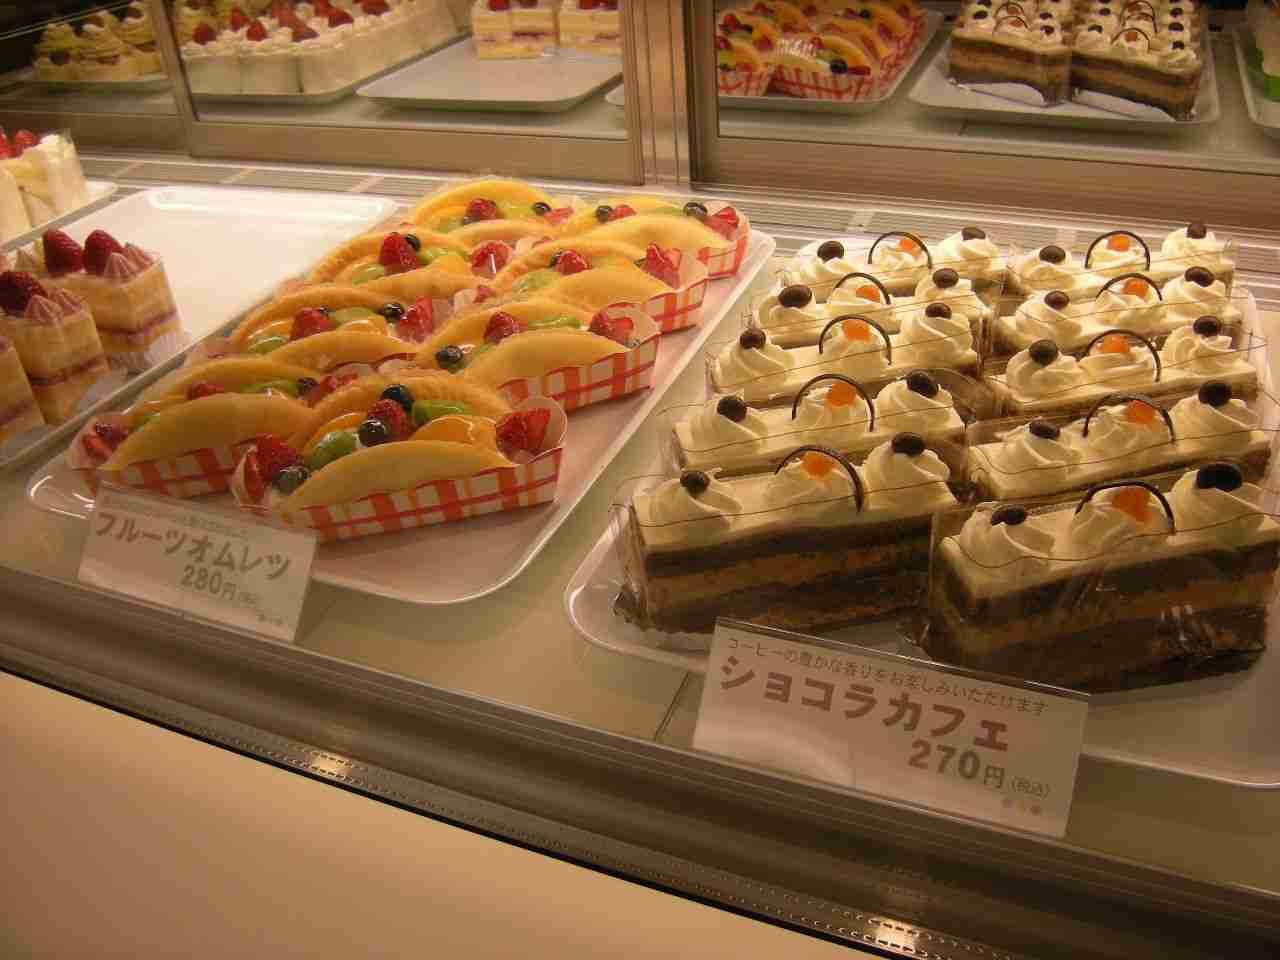 ケーキひとつの値段いくらまで出せますか?